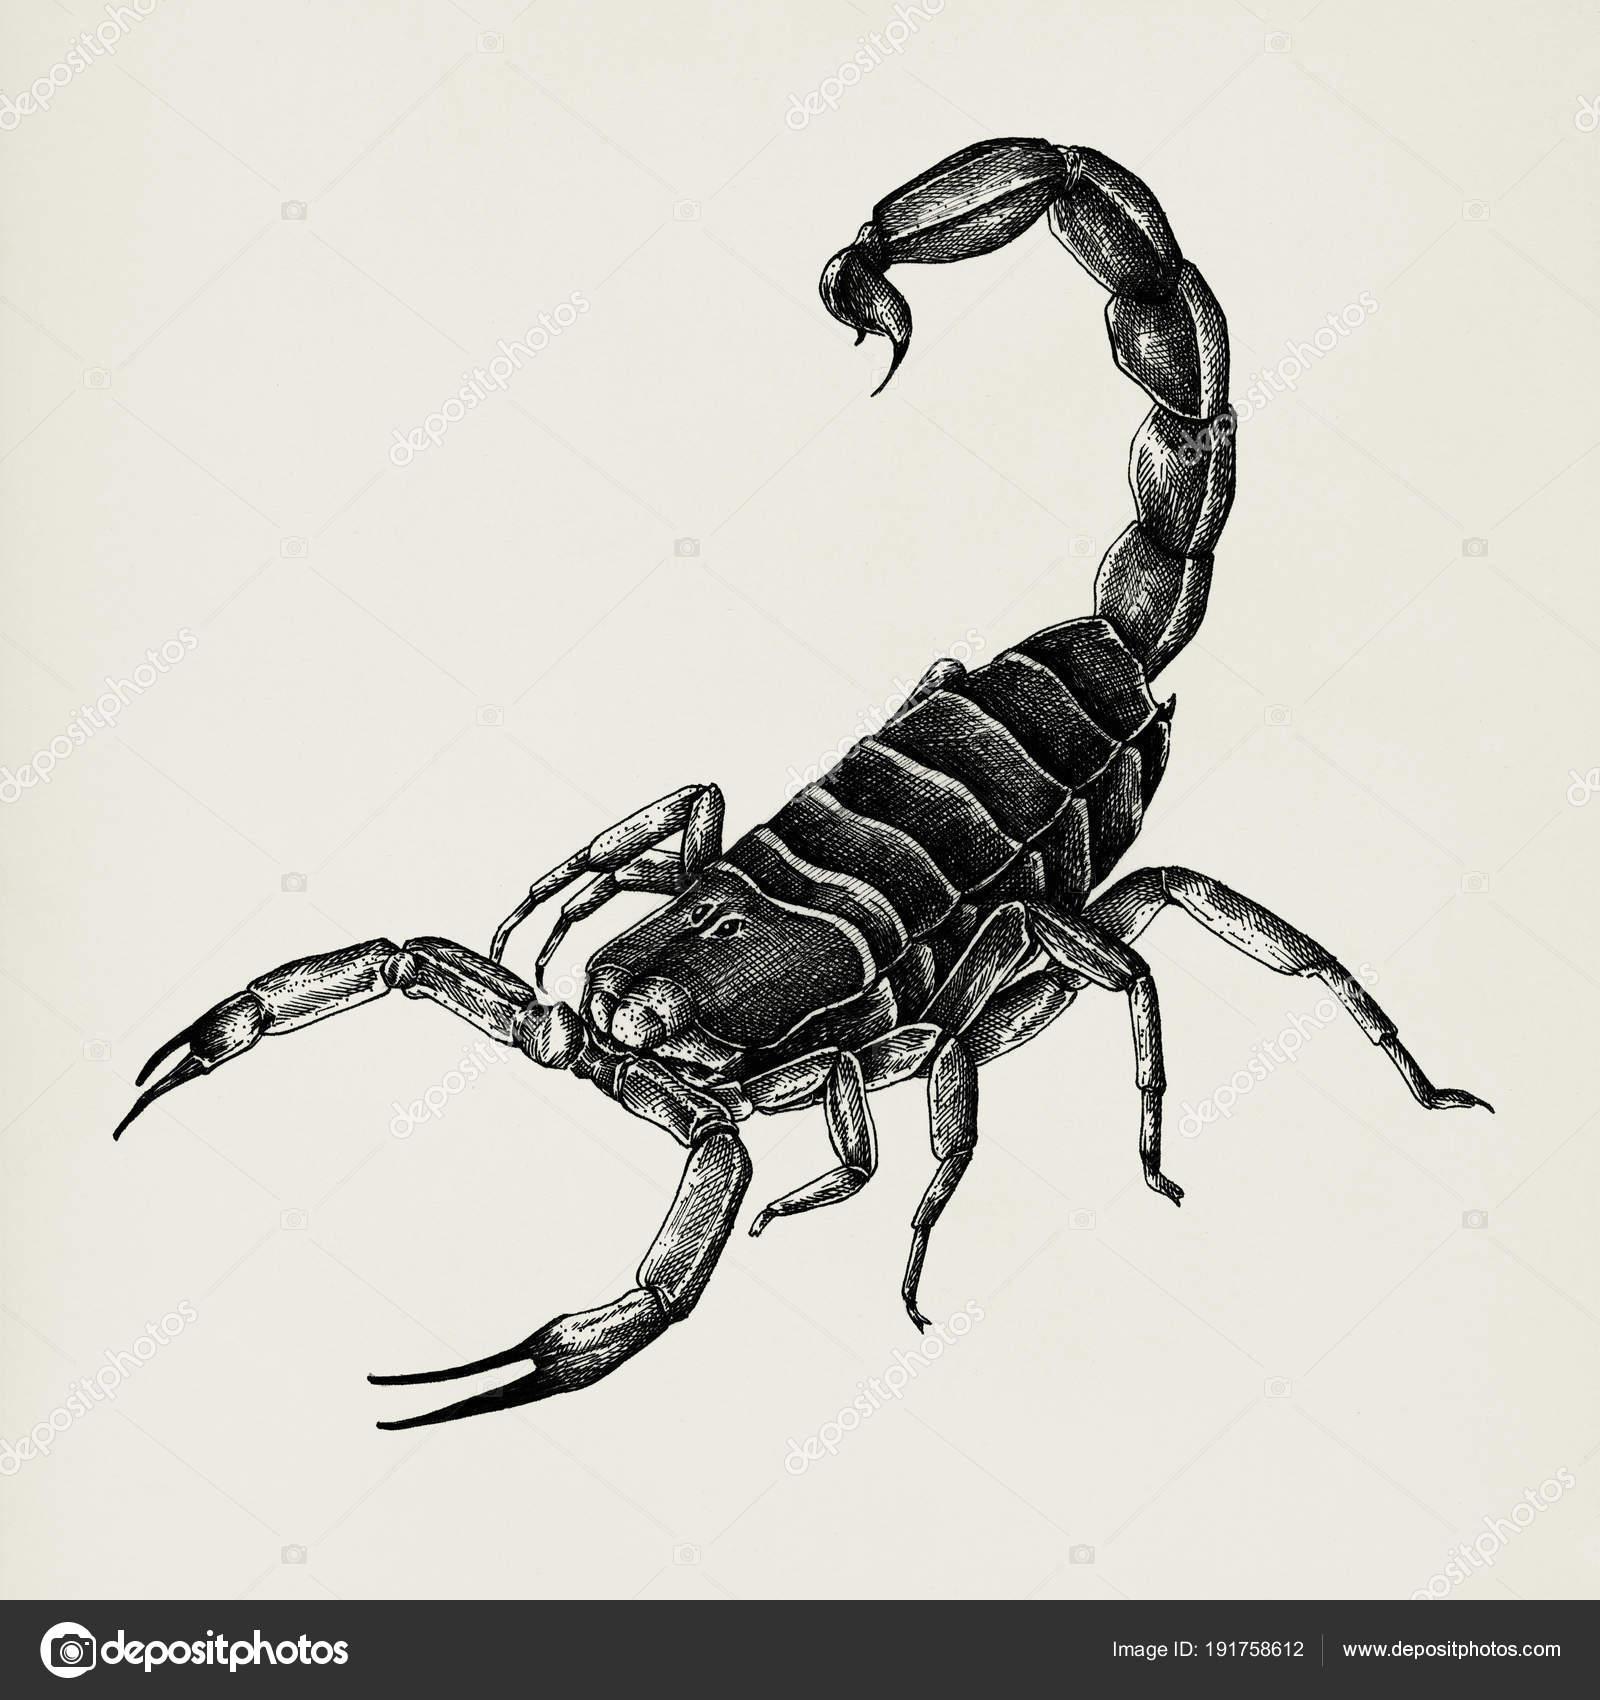 Hand Gezeichnet Skorpion Auf Hintergrund Isoliert Stockfoto